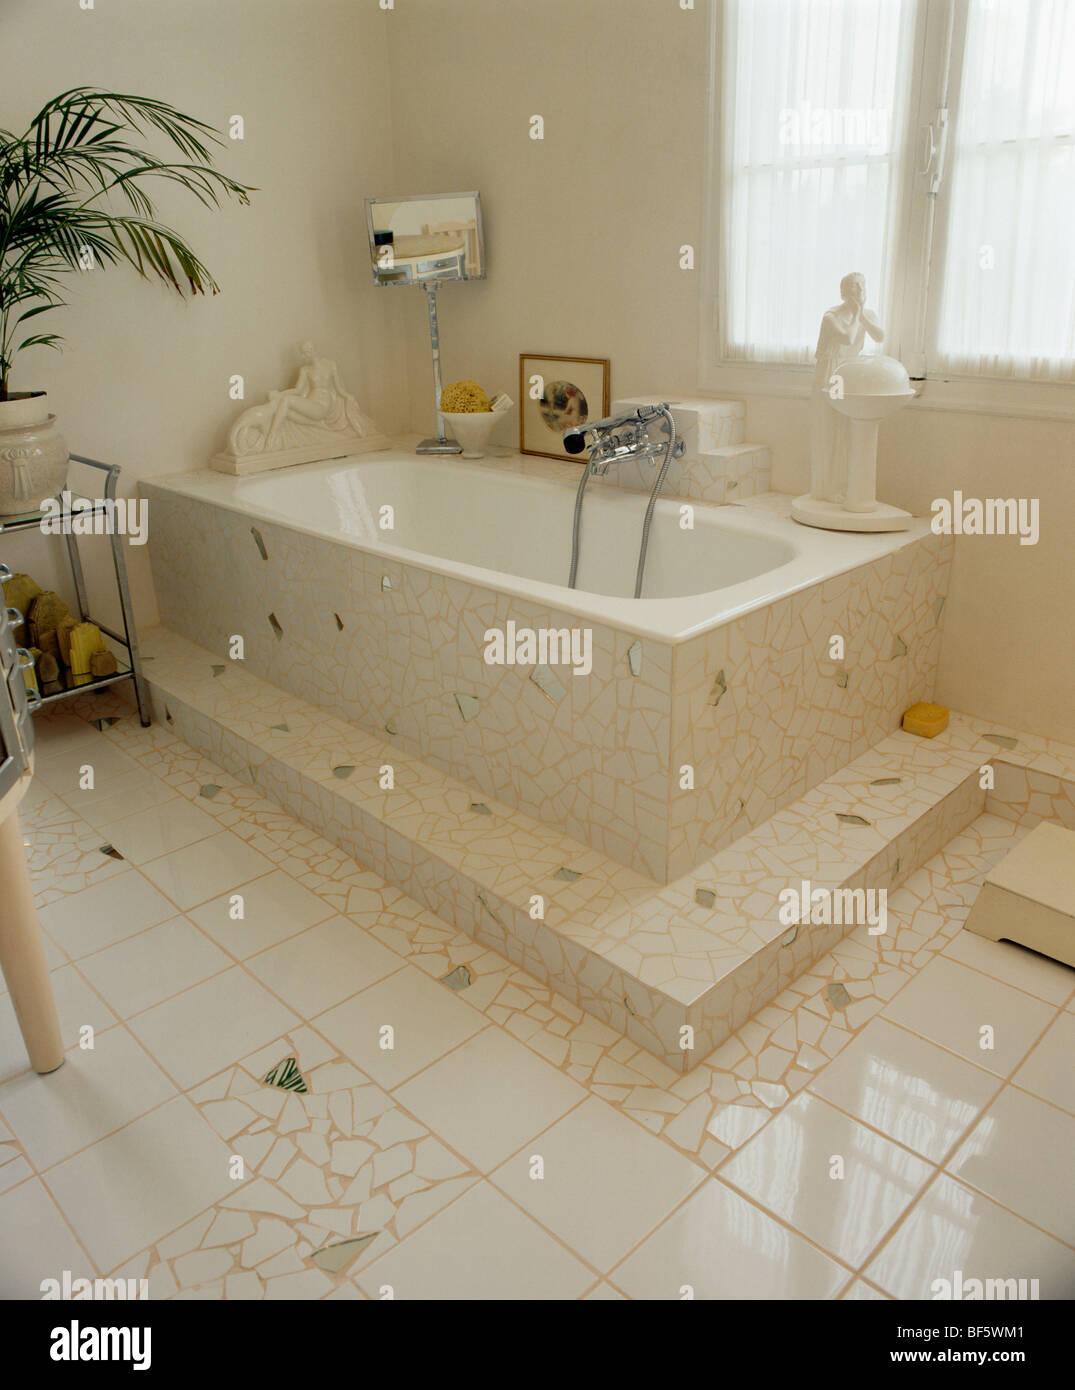 Umgeben von weiß und Spiegel-Mosaik Boden und Bad in dreißiger Jahre ...